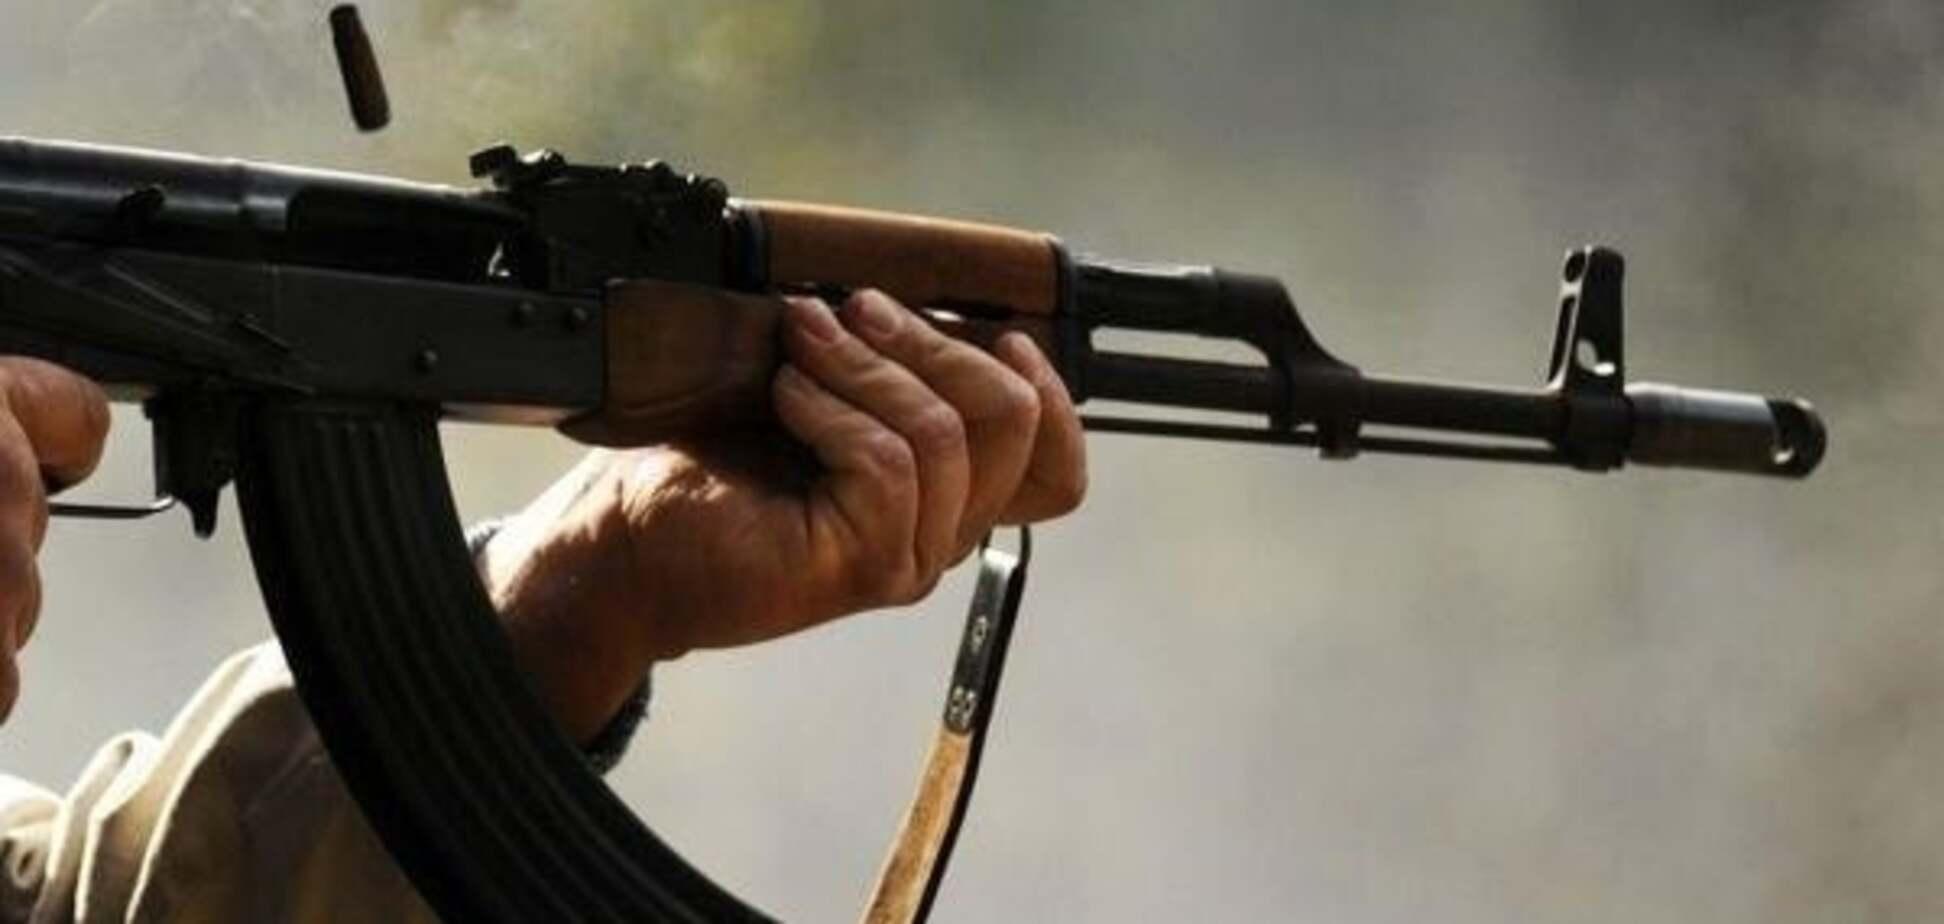 Вооружен и опасен: дезертир расстрелял двоих бойцов ВСУ на Донбассе - СМИ